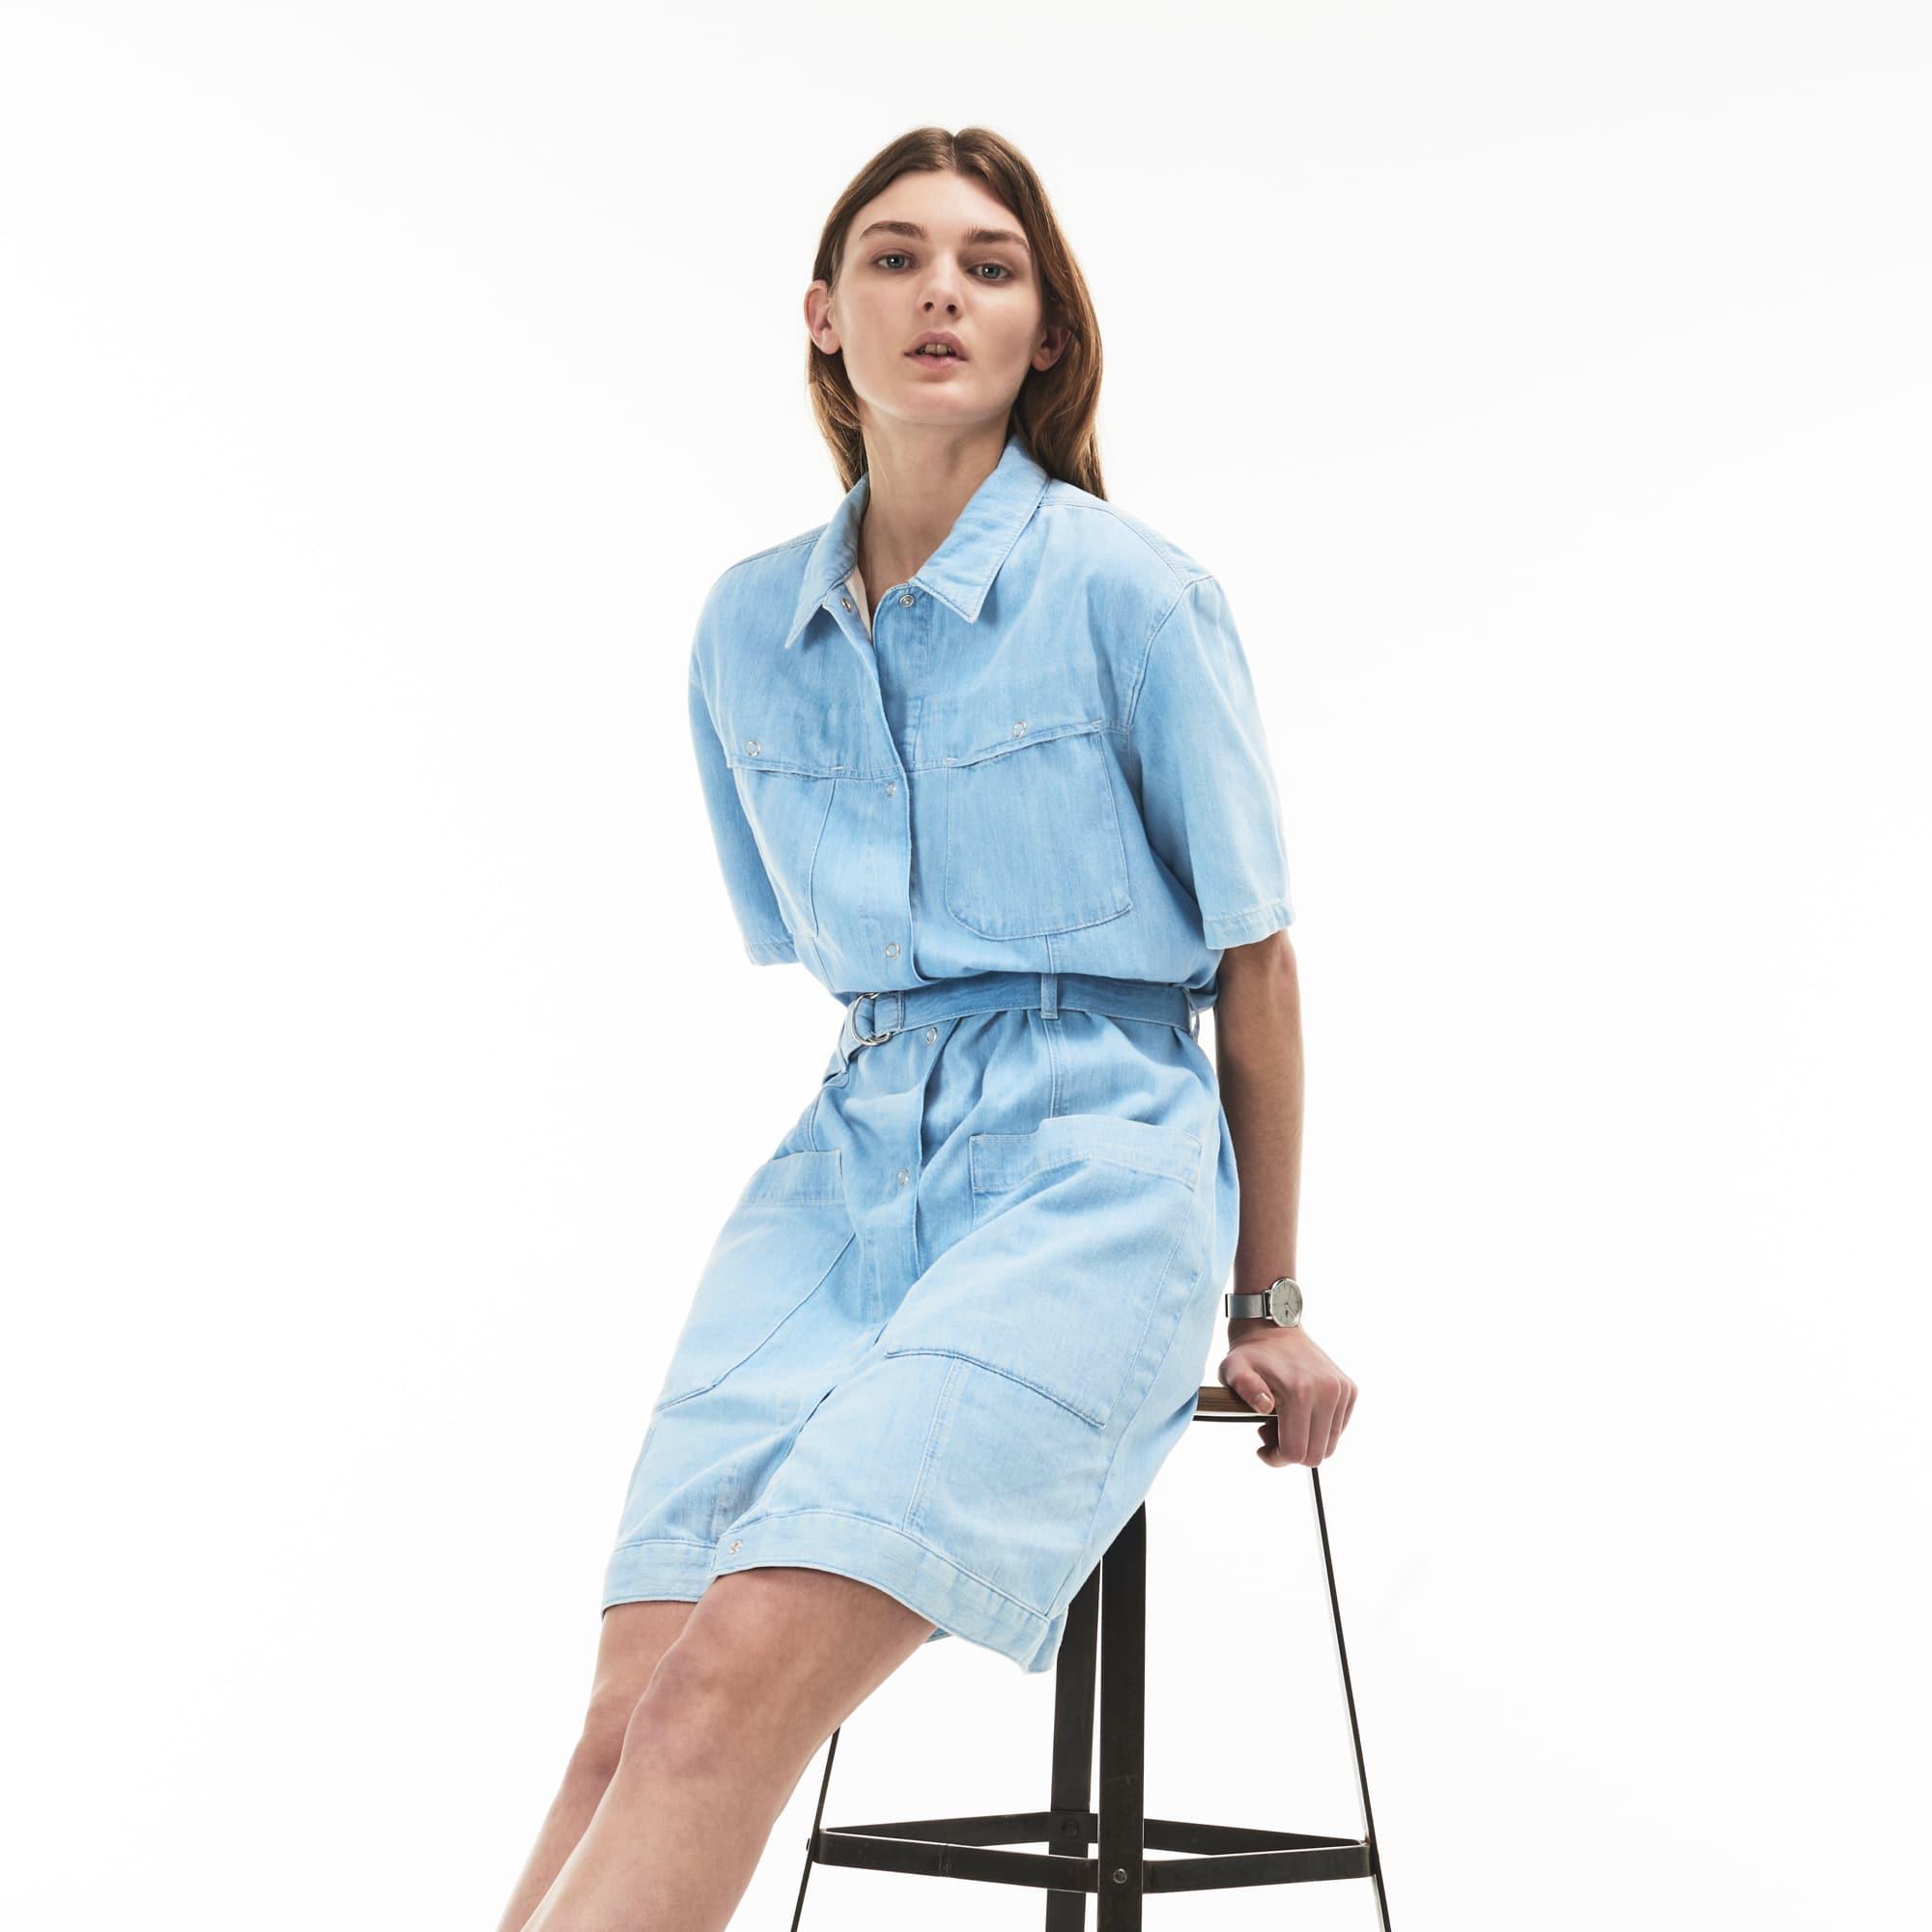 Vestido con cinturón en denim de algodón multibolsillos